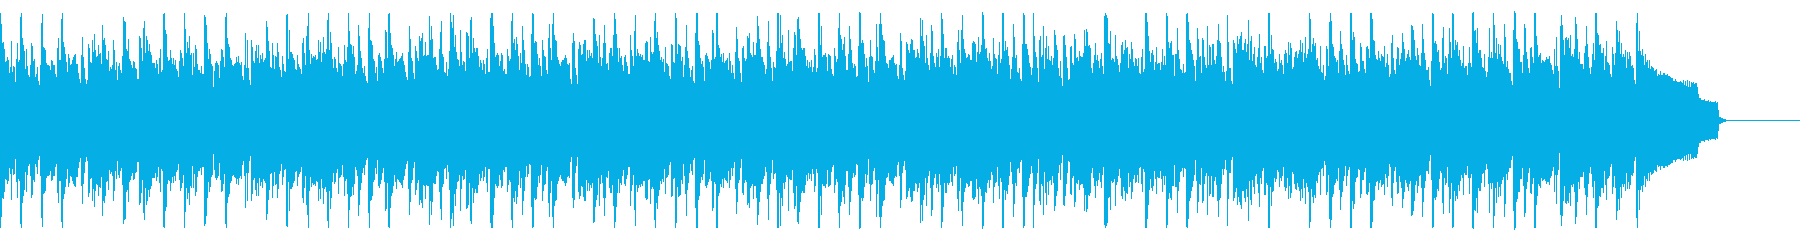 シンプルで軽快な木琴とアコギのジャズの再生済みの波形